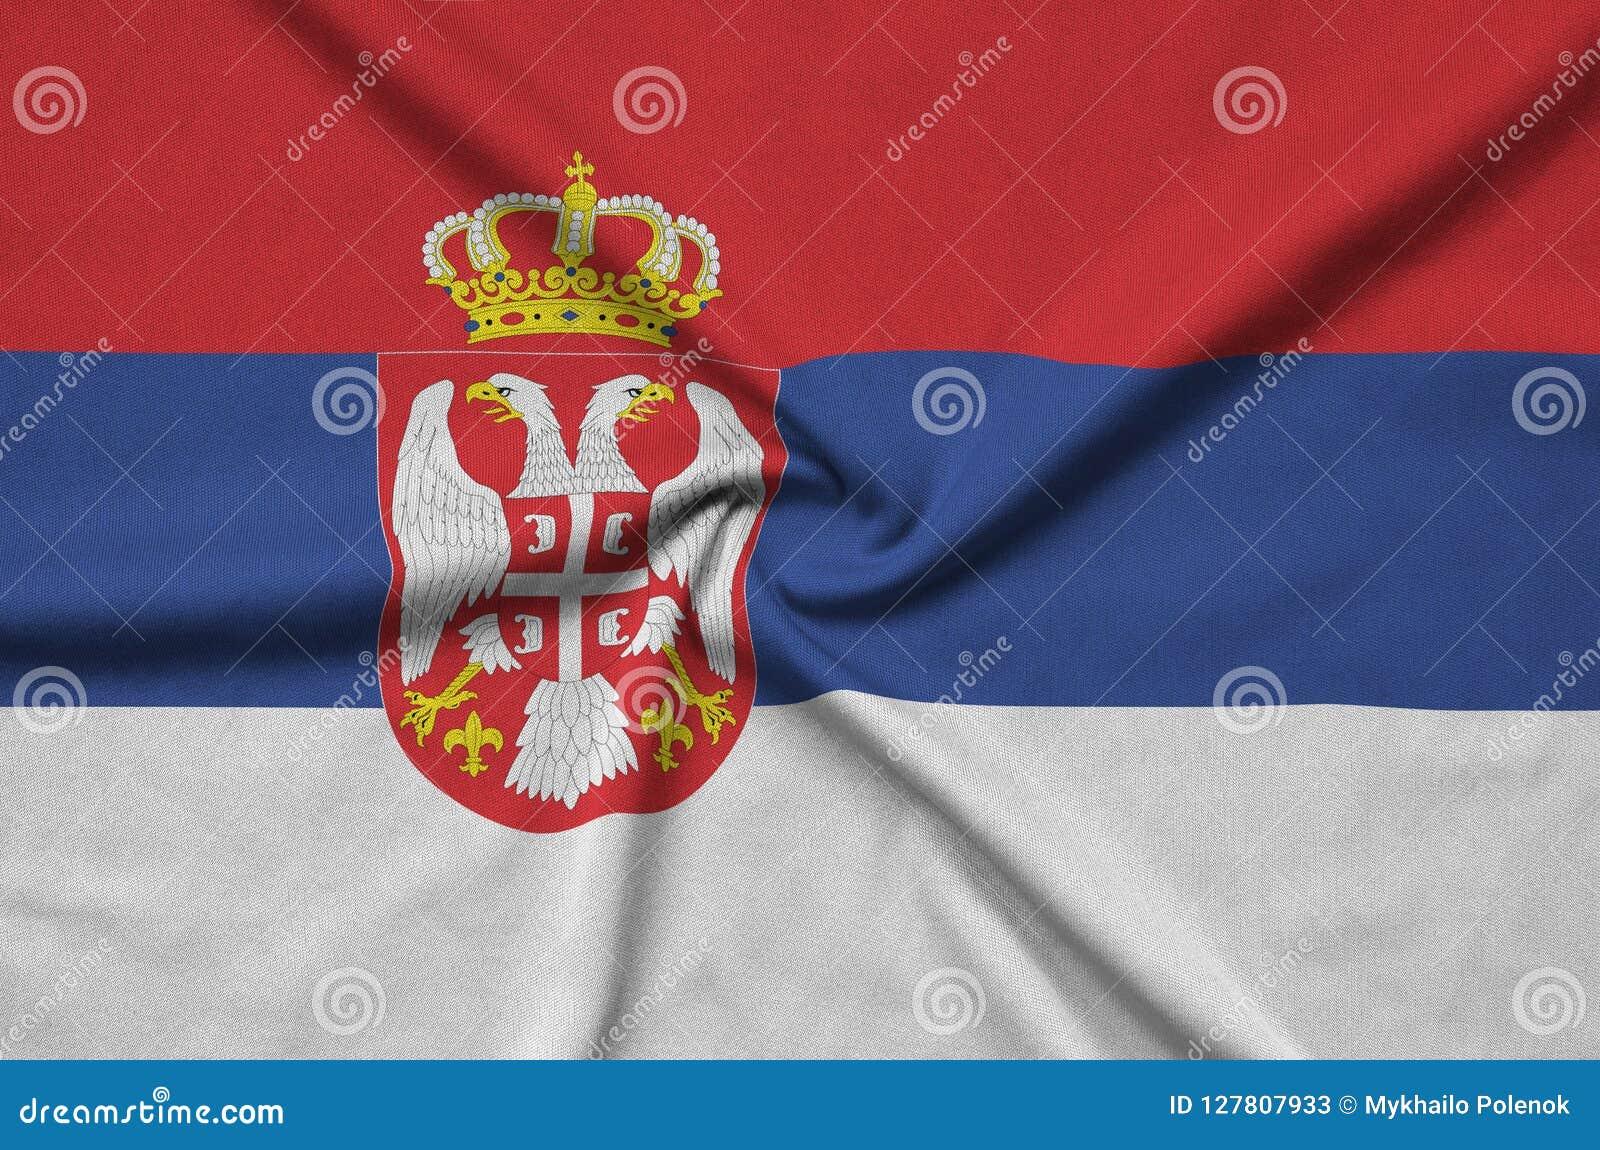 Η σημαία της Σερβίας απεικονίζεται σε ένα ύφασμα αθλητικών υφασμάτων με πολλές πτυχές Έμβλημα αθλητικών ομάδων